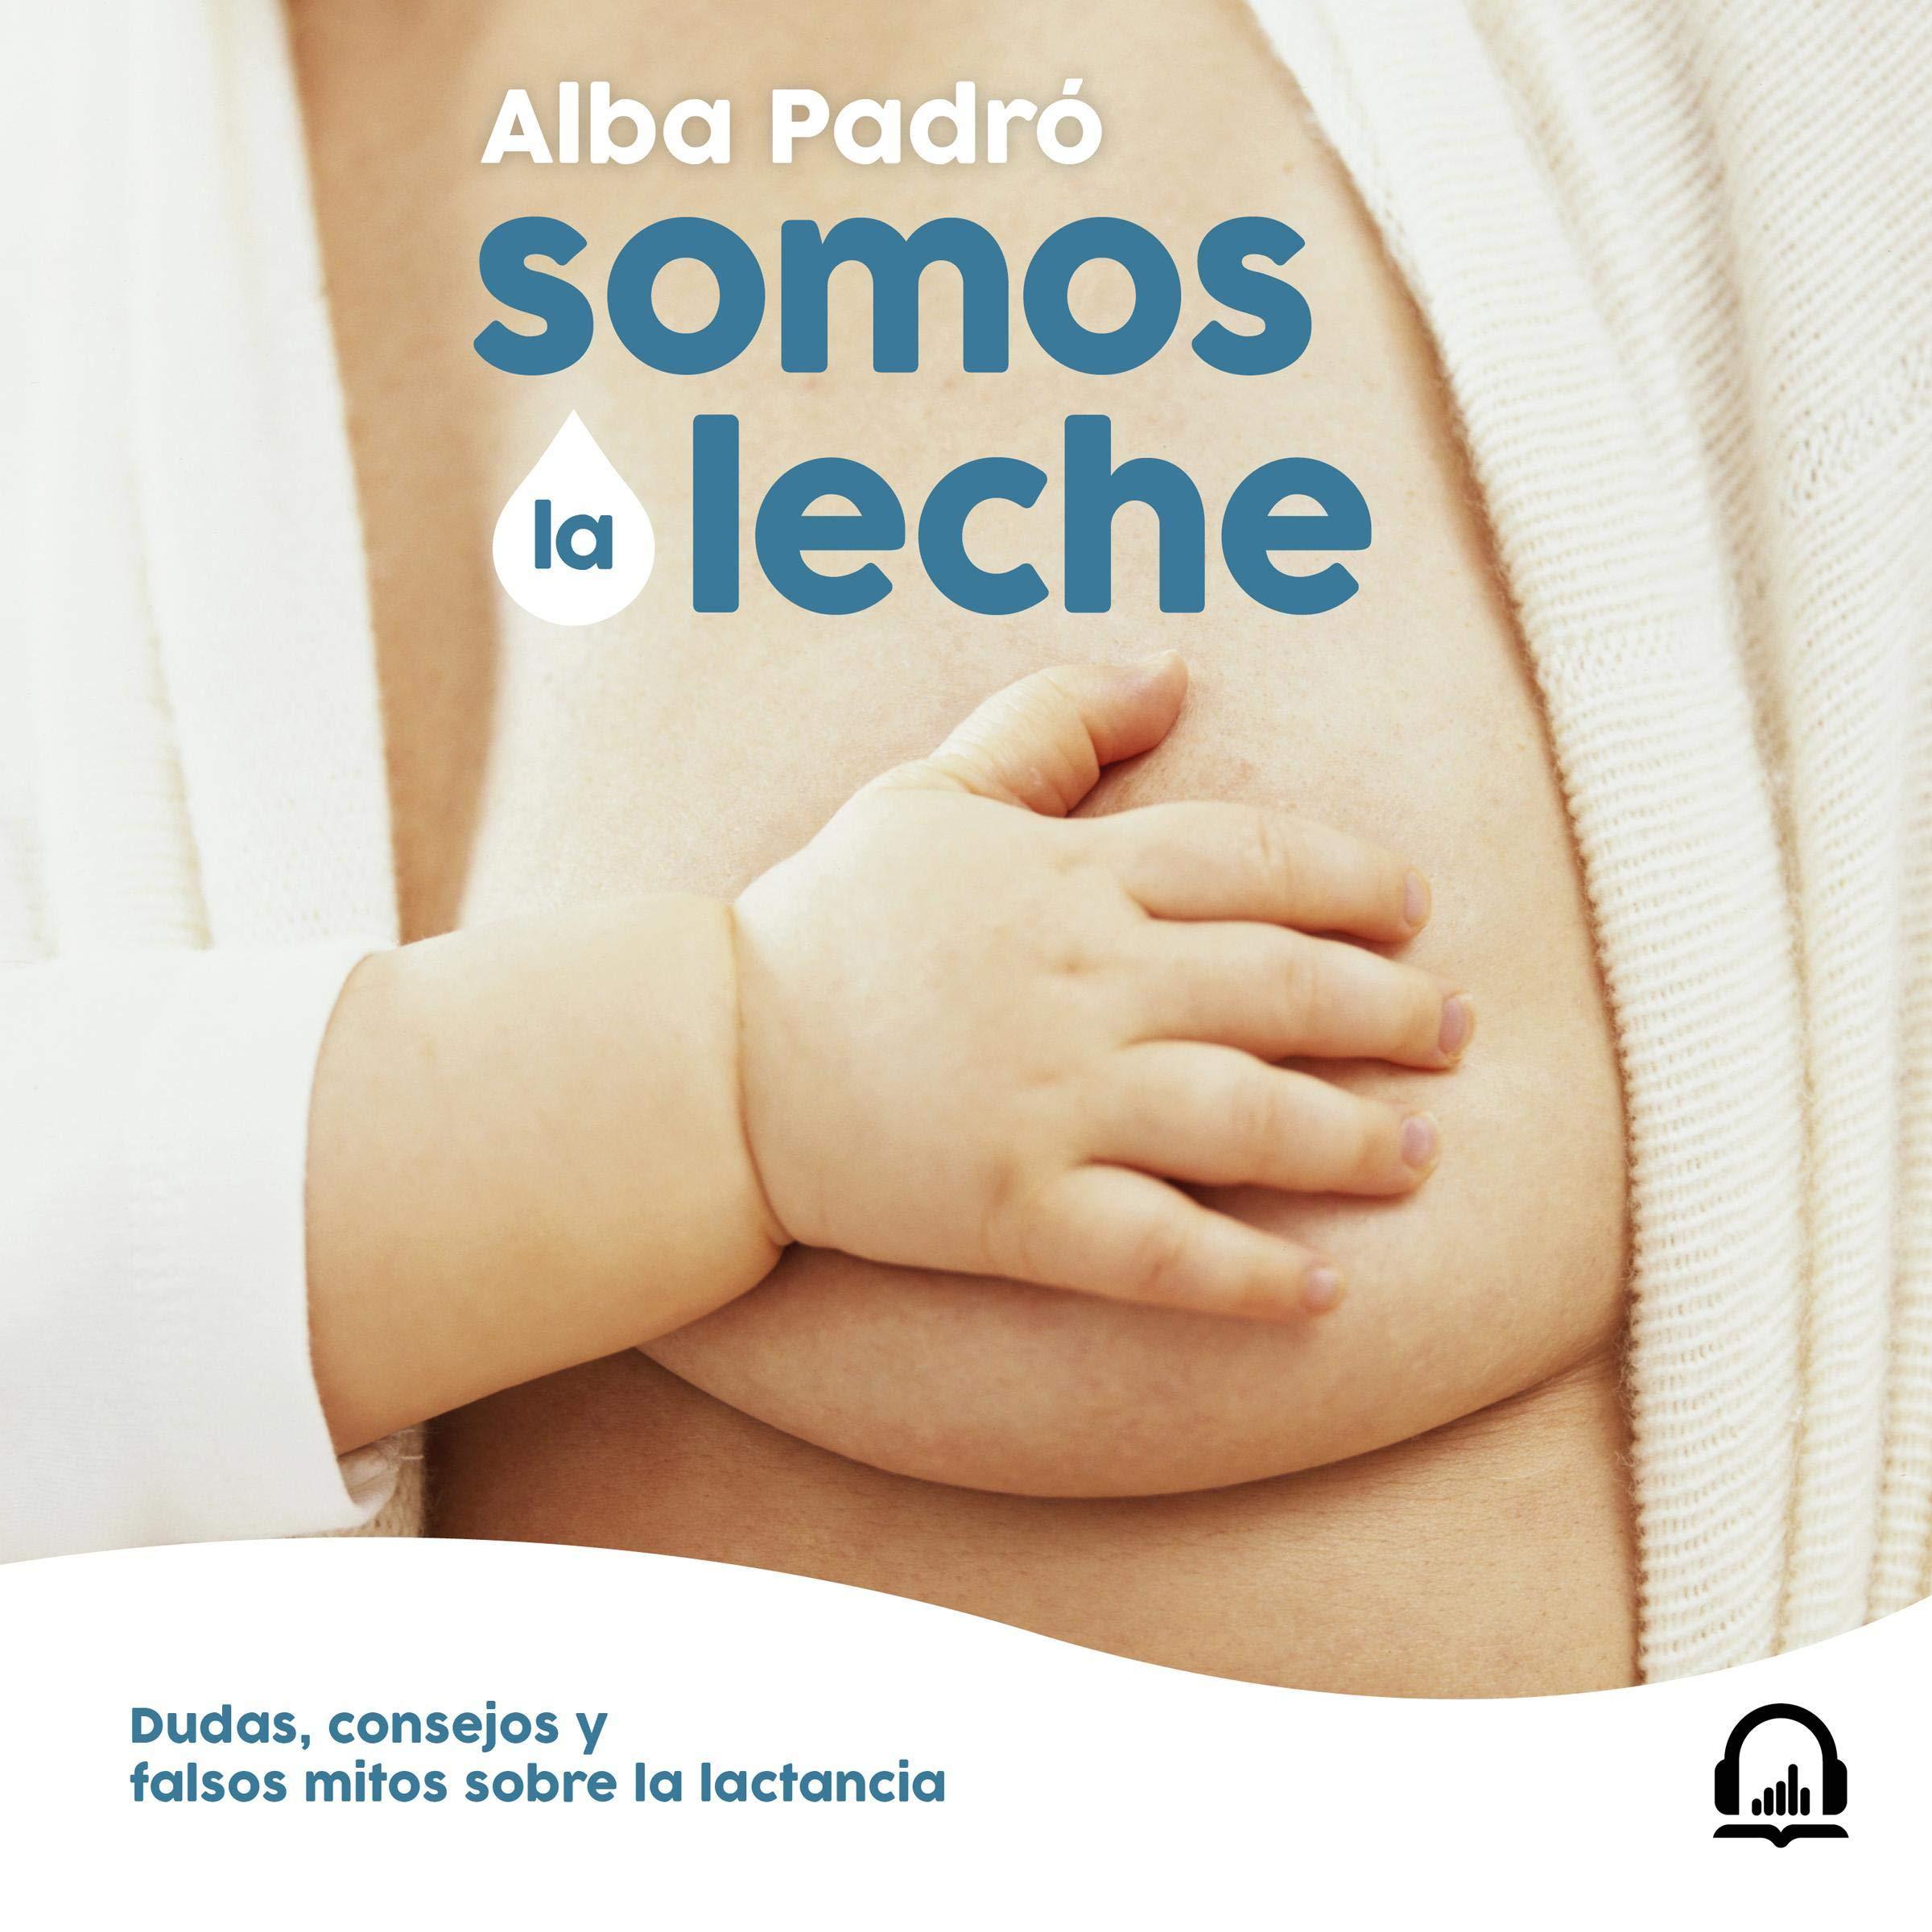 Somos La Leche  We Are Milk   Dudas Consejos Y Falsos Mitos Sobre La Lactancia  Doubts Advice And False Myths About Breastfeeding